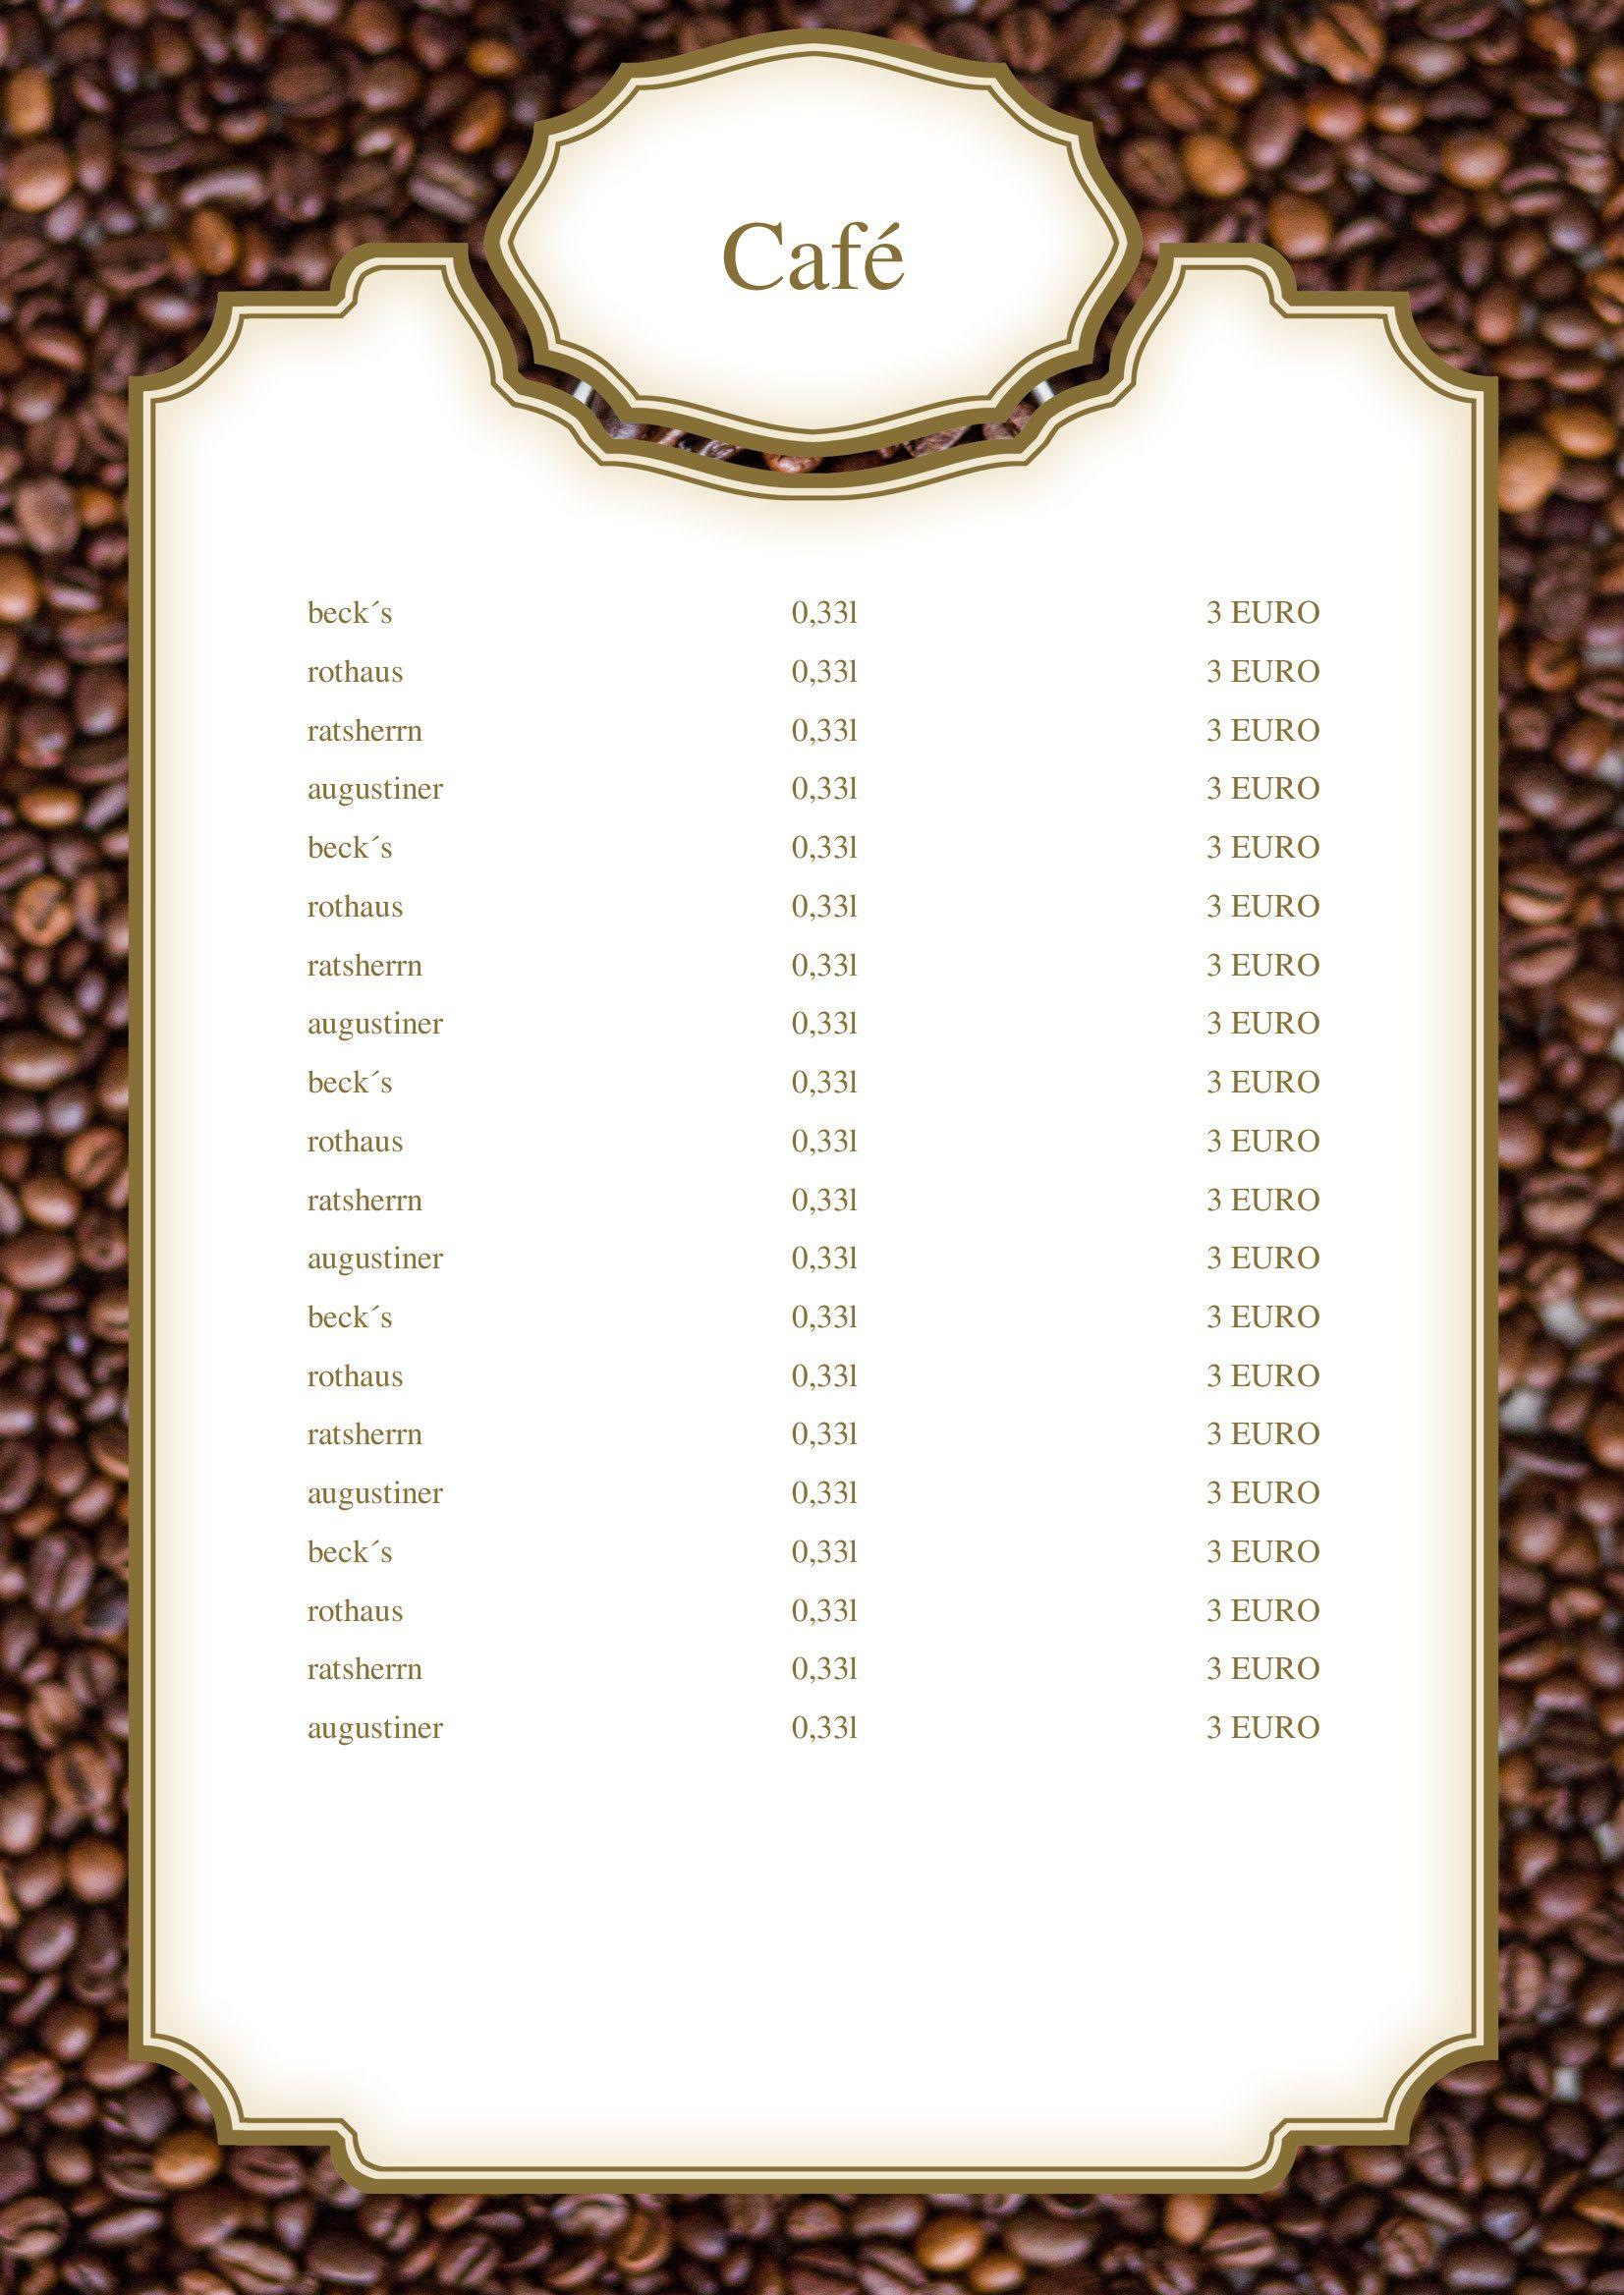 Ihre Getrankekarte Ist Der Wichtigste Verkaufer In Ihrem Cafe Mit Dieser Kostenlosen Druckvorlage Konnen Sie Ihre Speiseka Getranke Karte Vorlagen Speisekarte